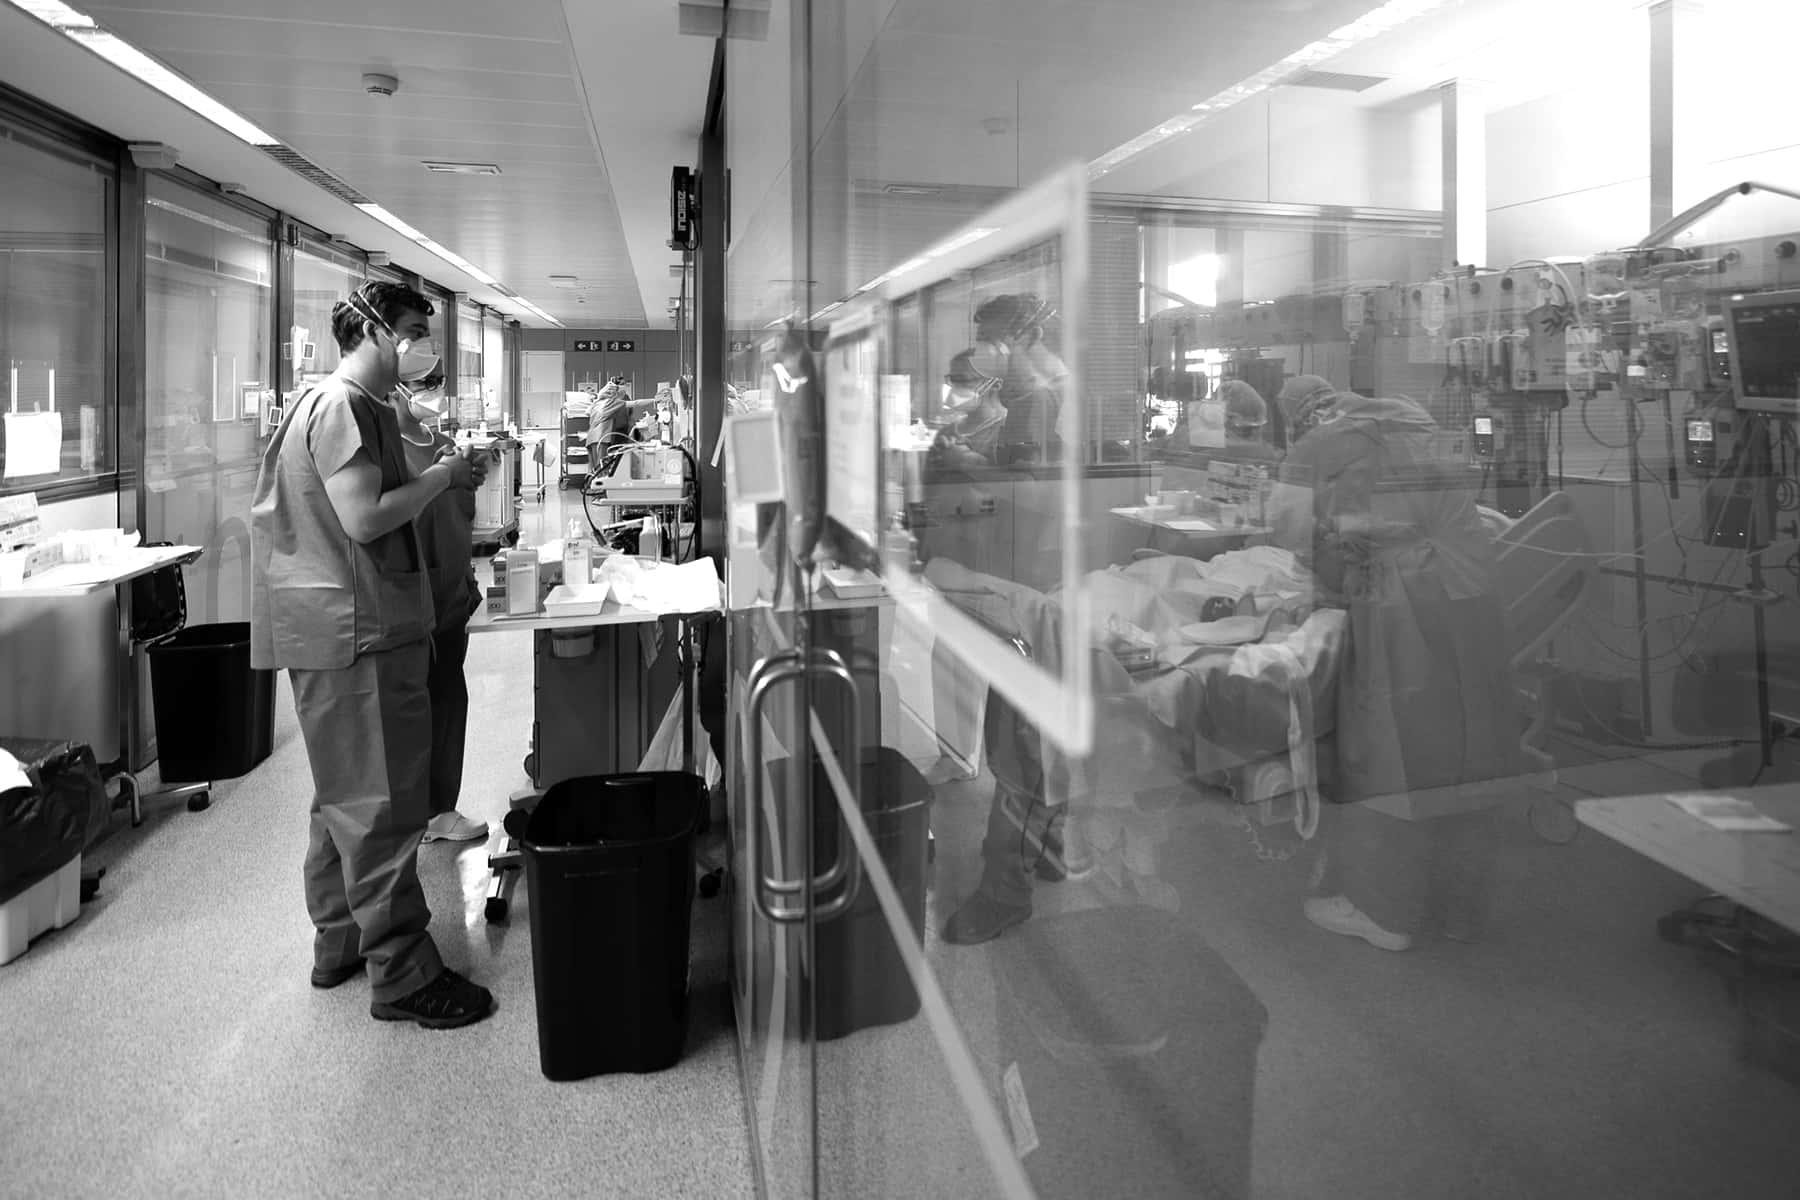 03_041220_hospitalcovid19_franciscoavia_03